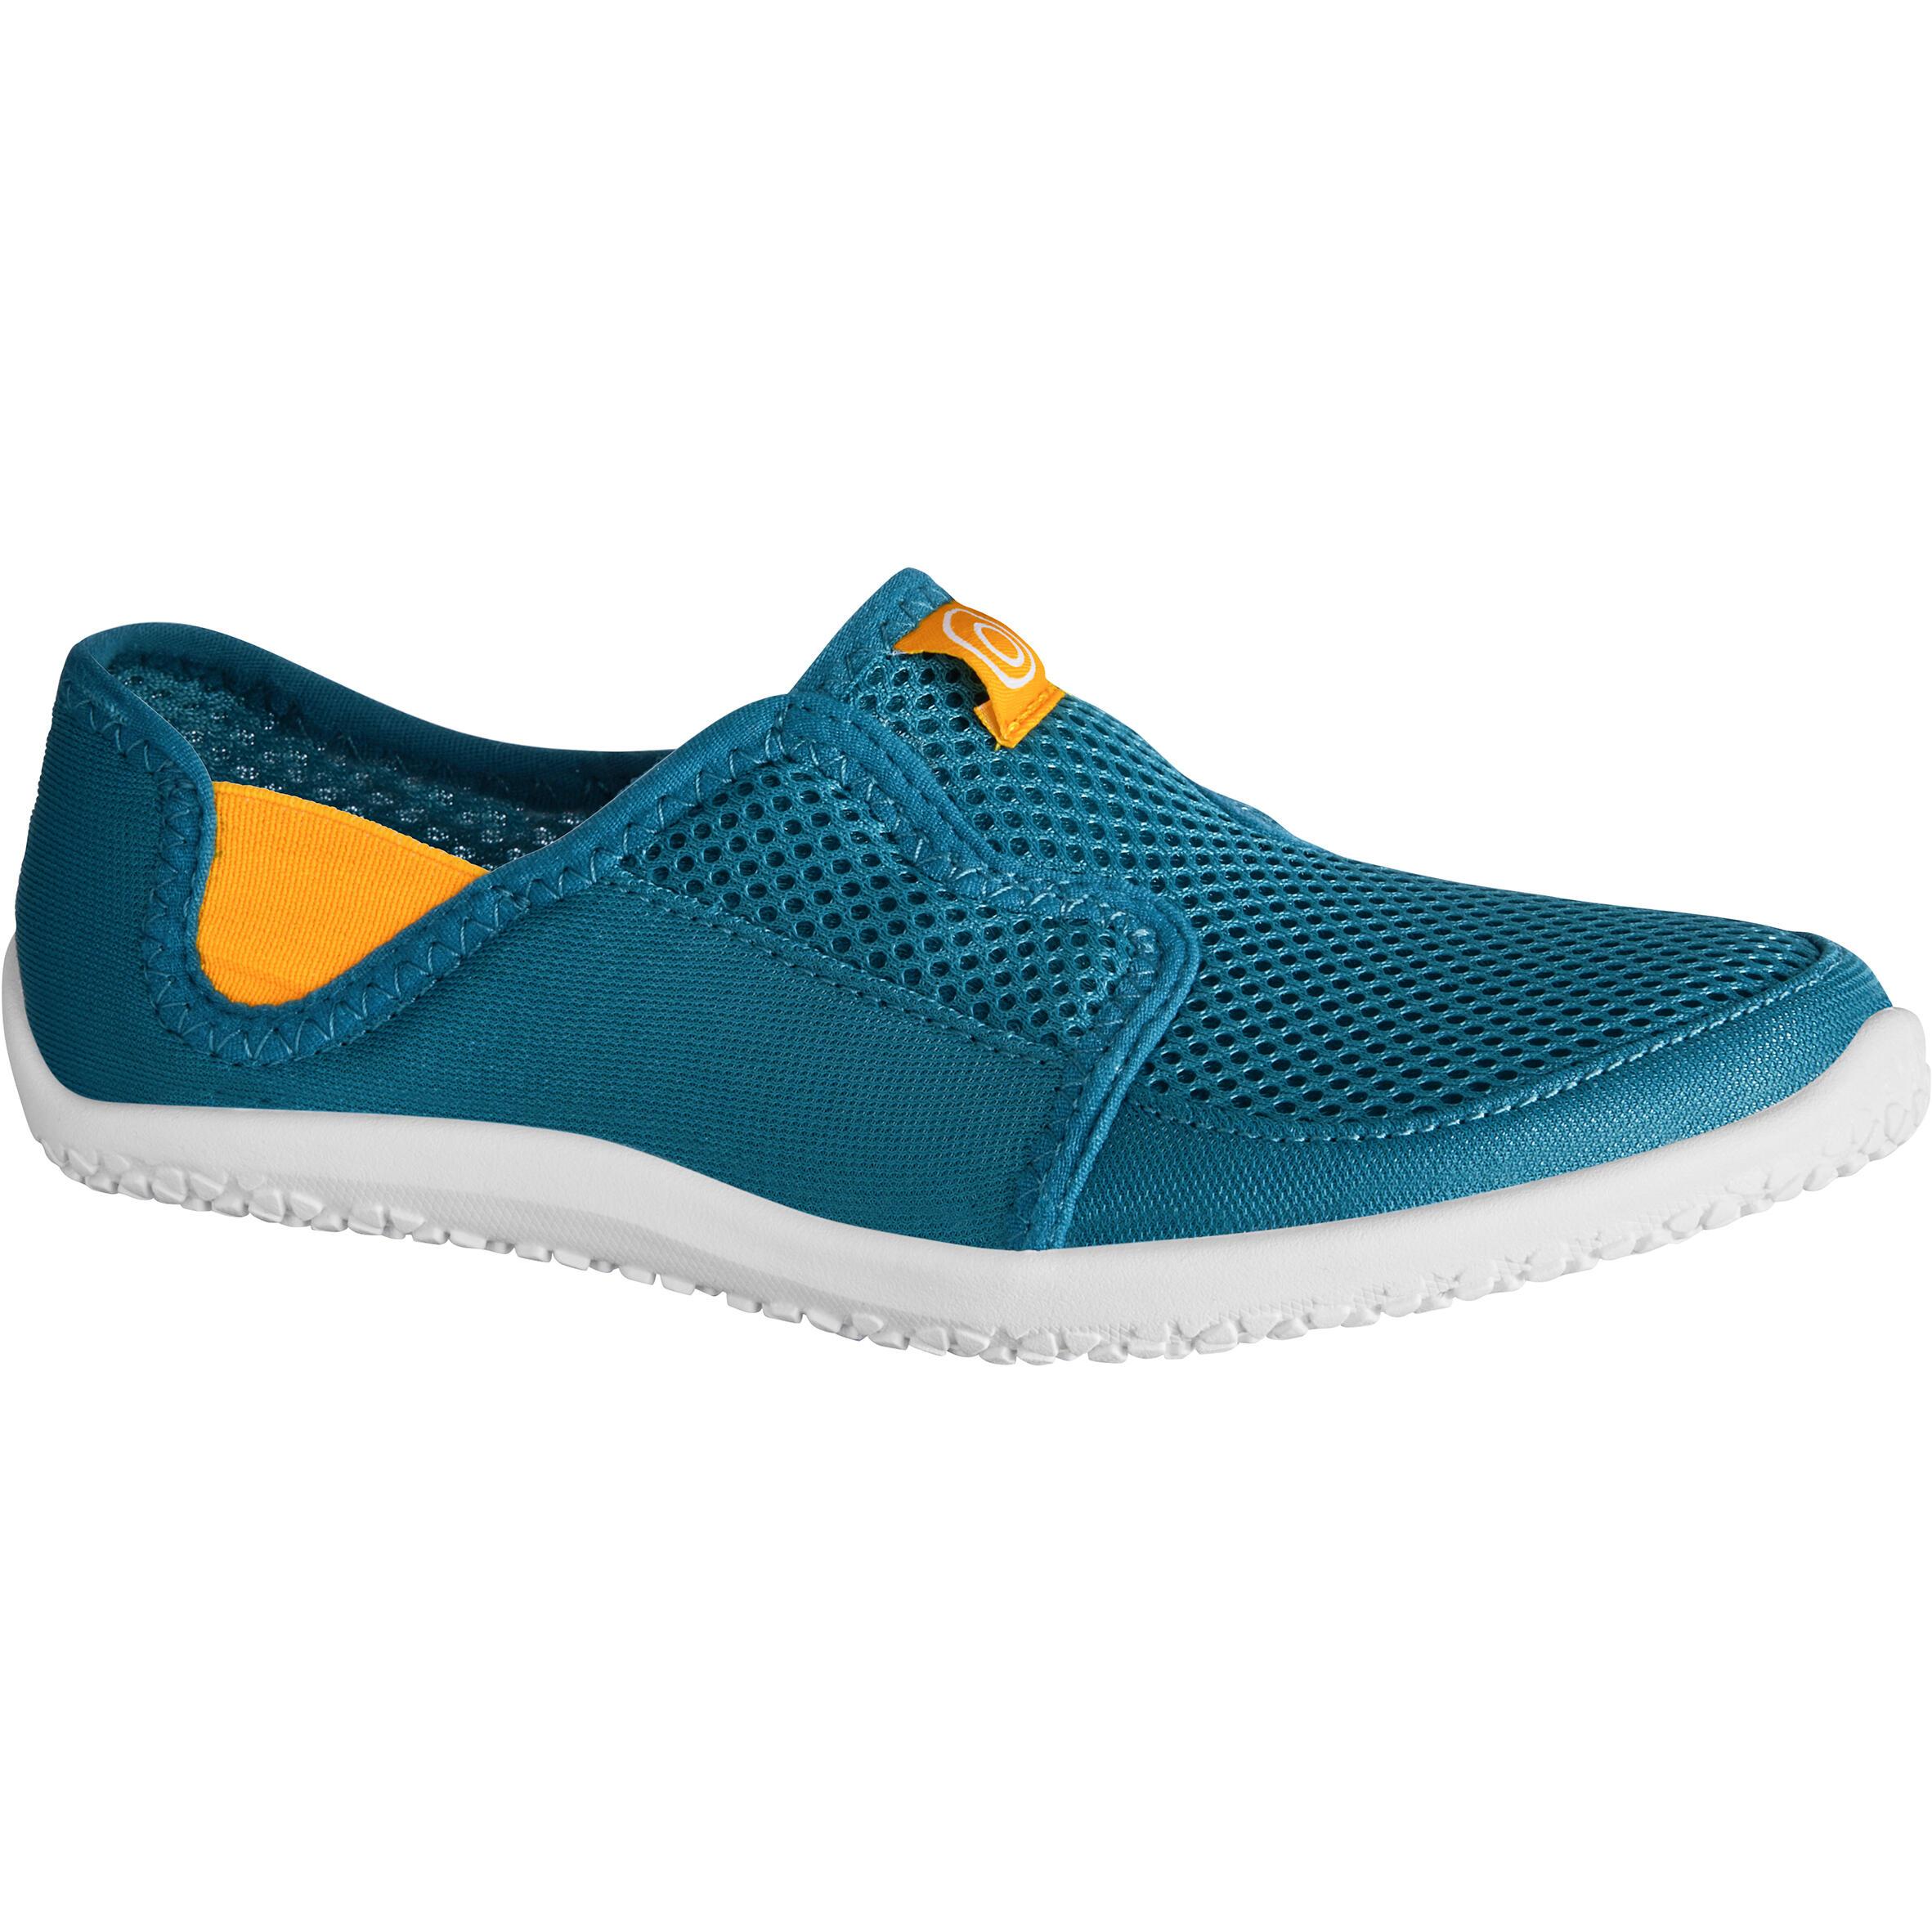 Tenis acuáticos Aquashoes 120 niños azul amarillo